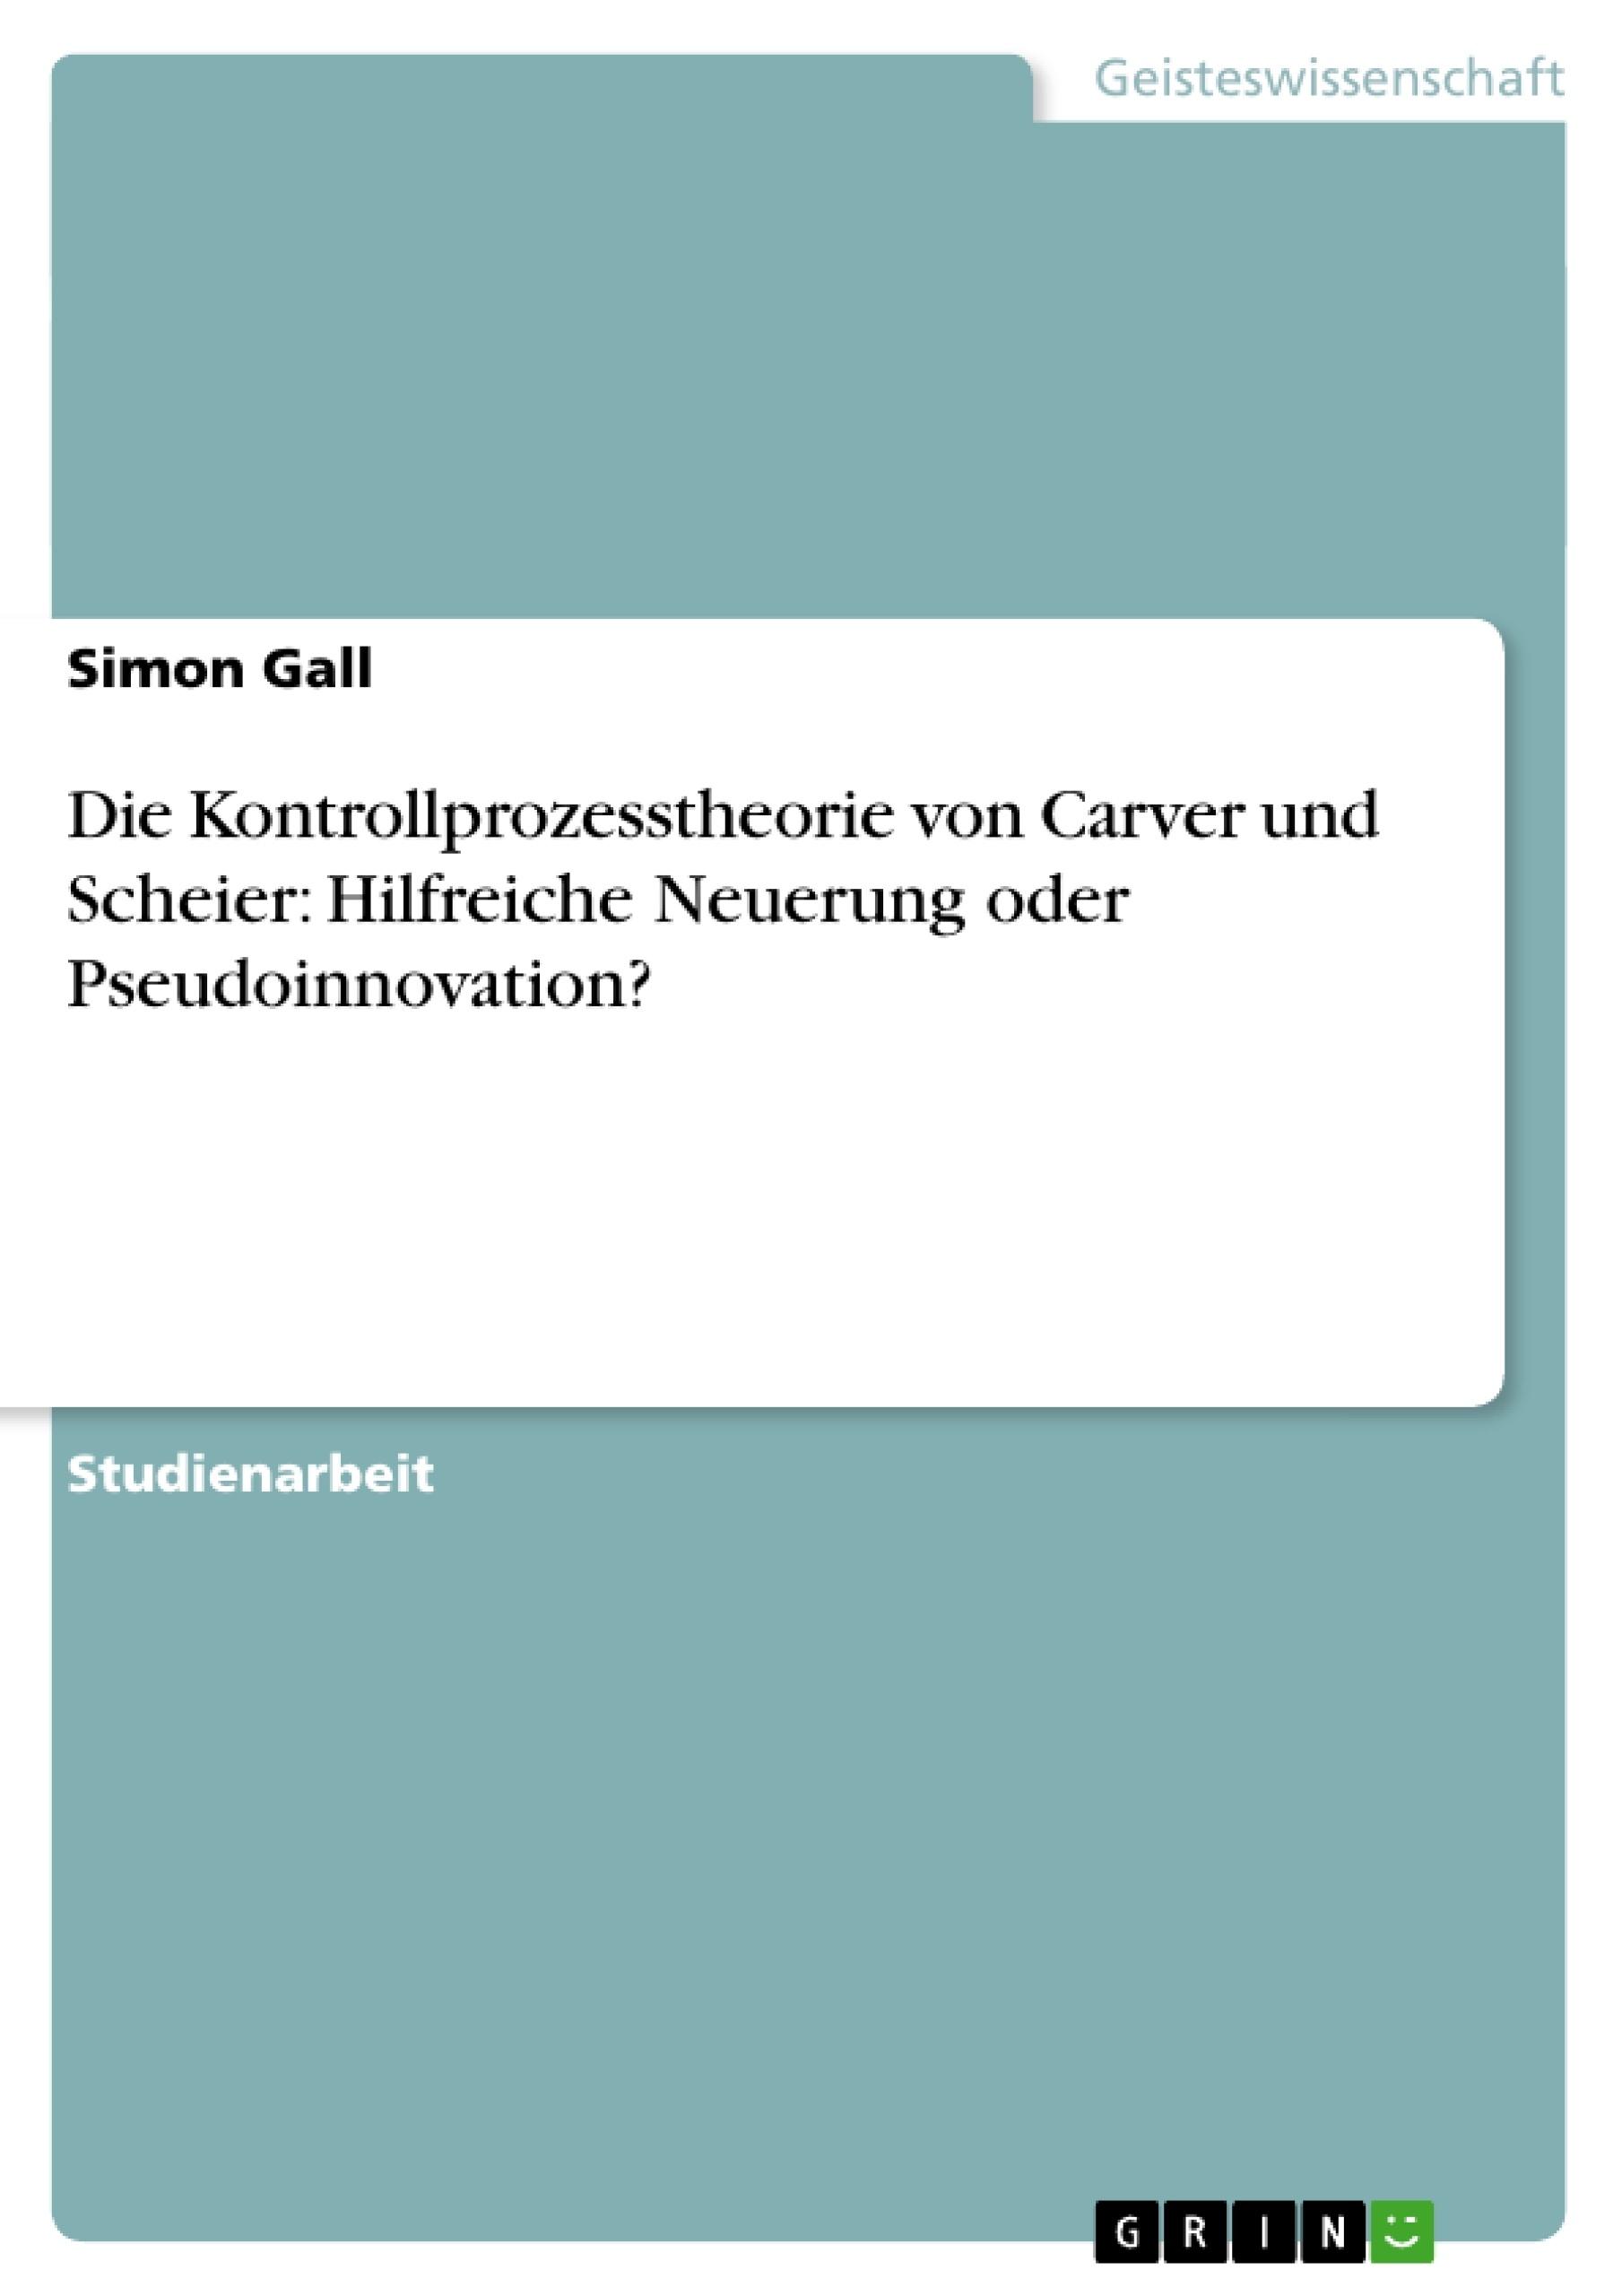 Titel: Die Kontrollprozesstheorie von Carver und Scheier: Hilfreiche Neuerung oder Pseudoinnovation?